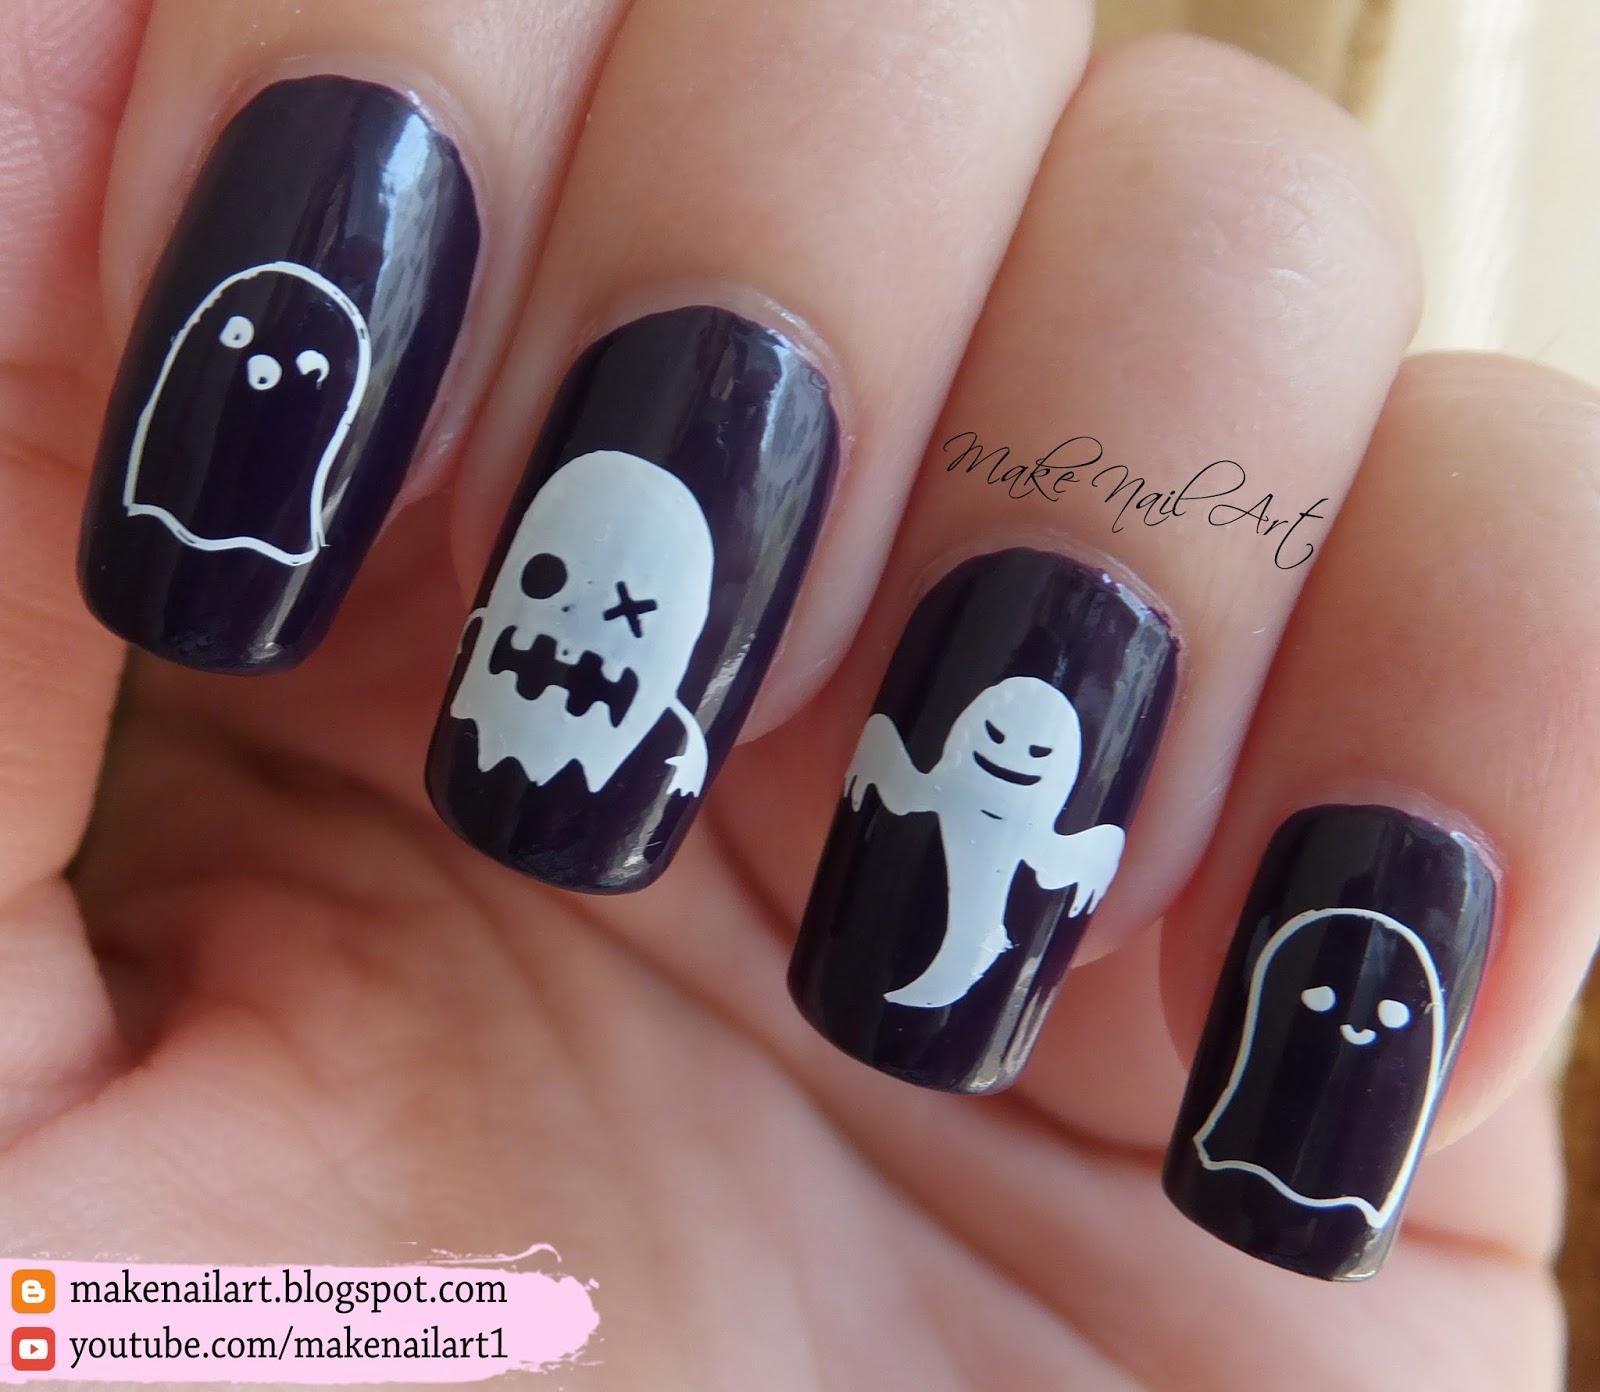 Make Nail Art: September 2016